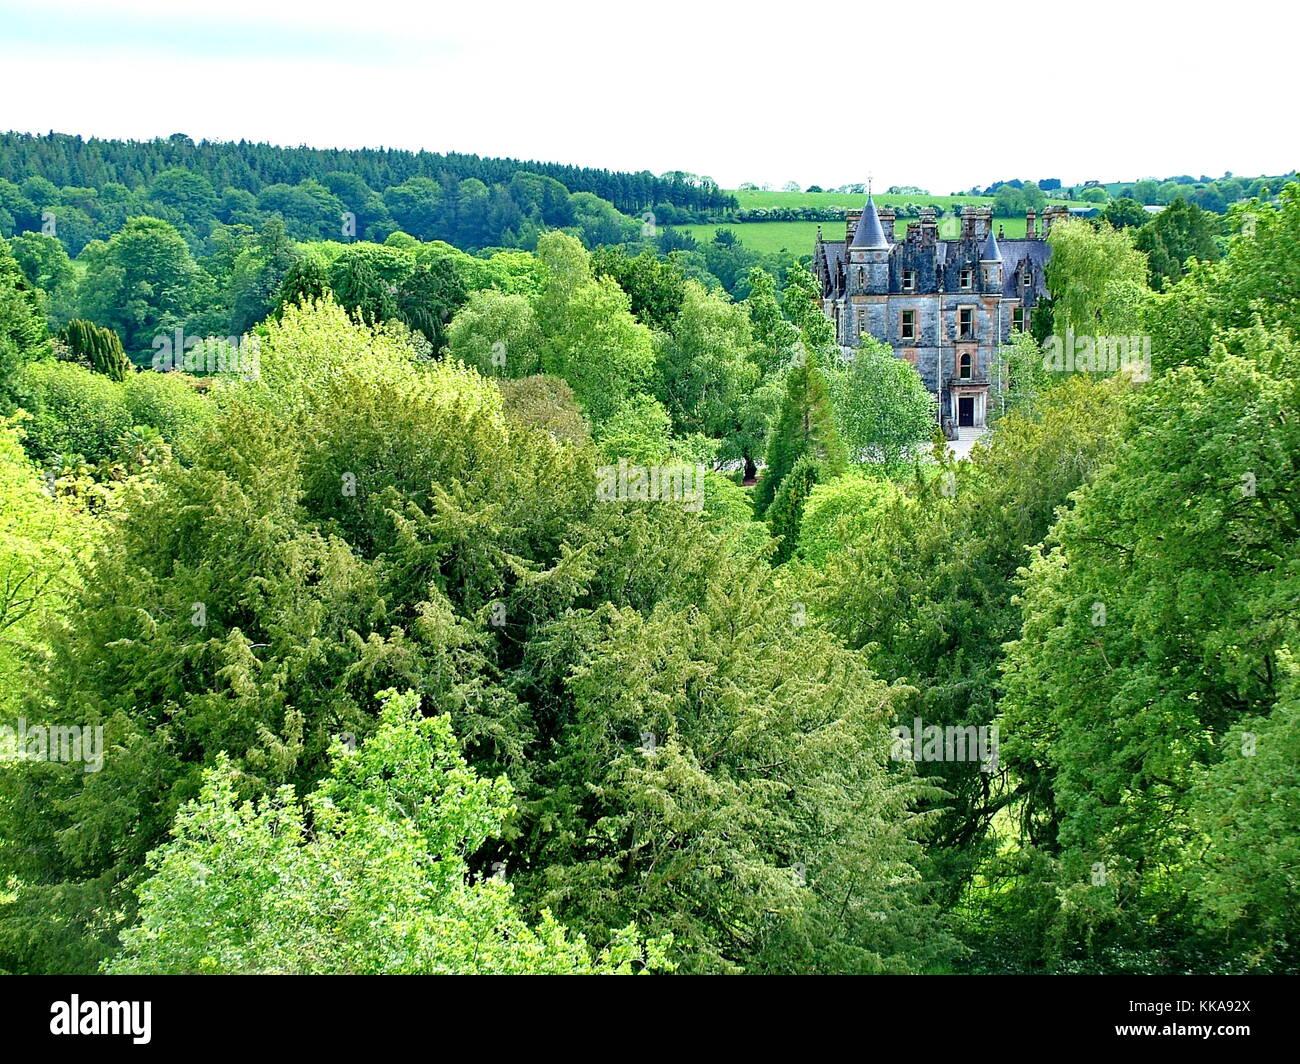 Maison près de Blarney Blarney Castle, co Cork, Ireland Photo Stock